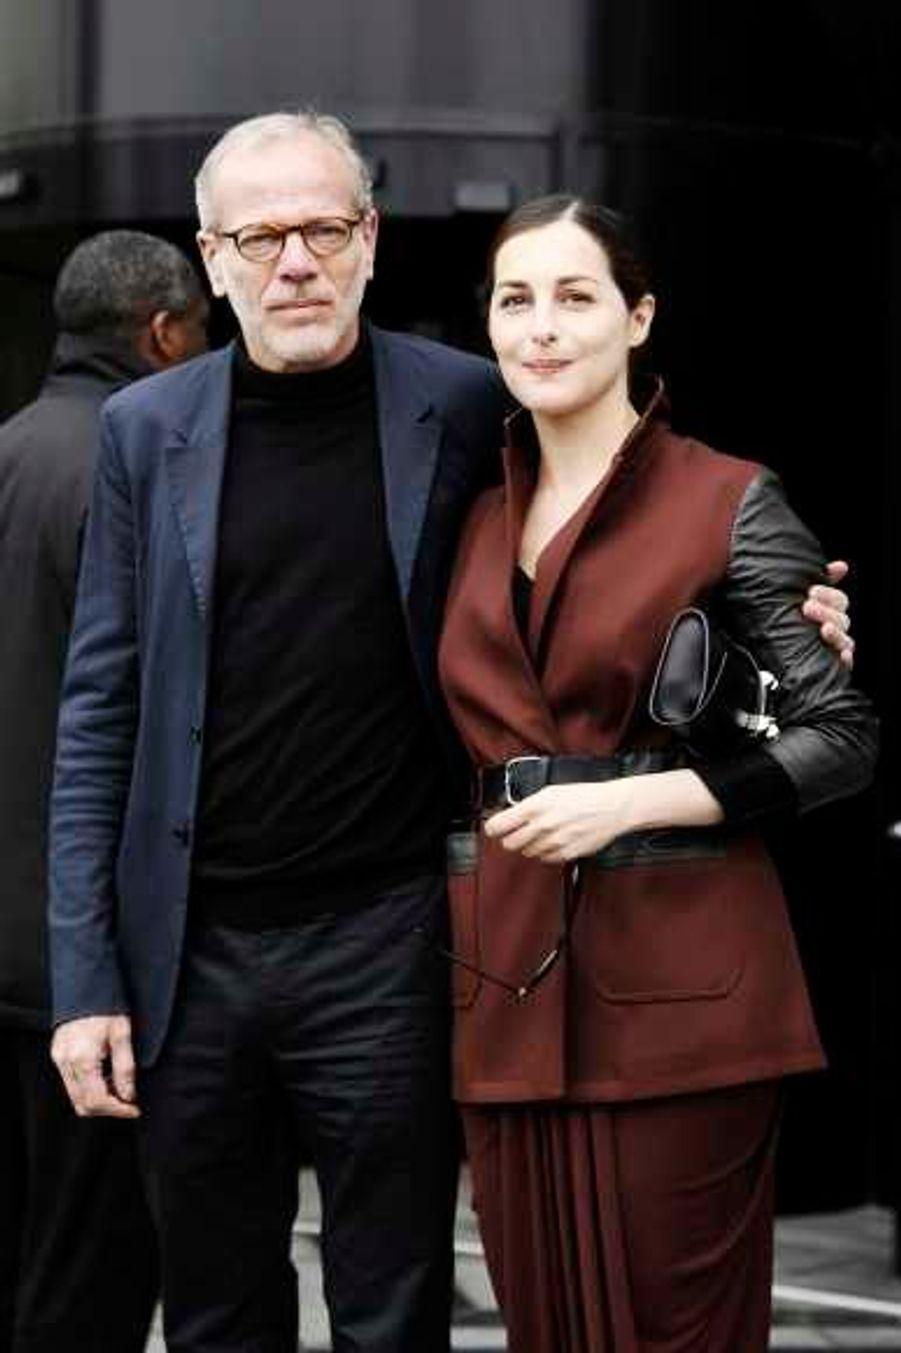 Comme Salma Hayek et son mari, le couple s'est rendu au défilé Balenciaga.